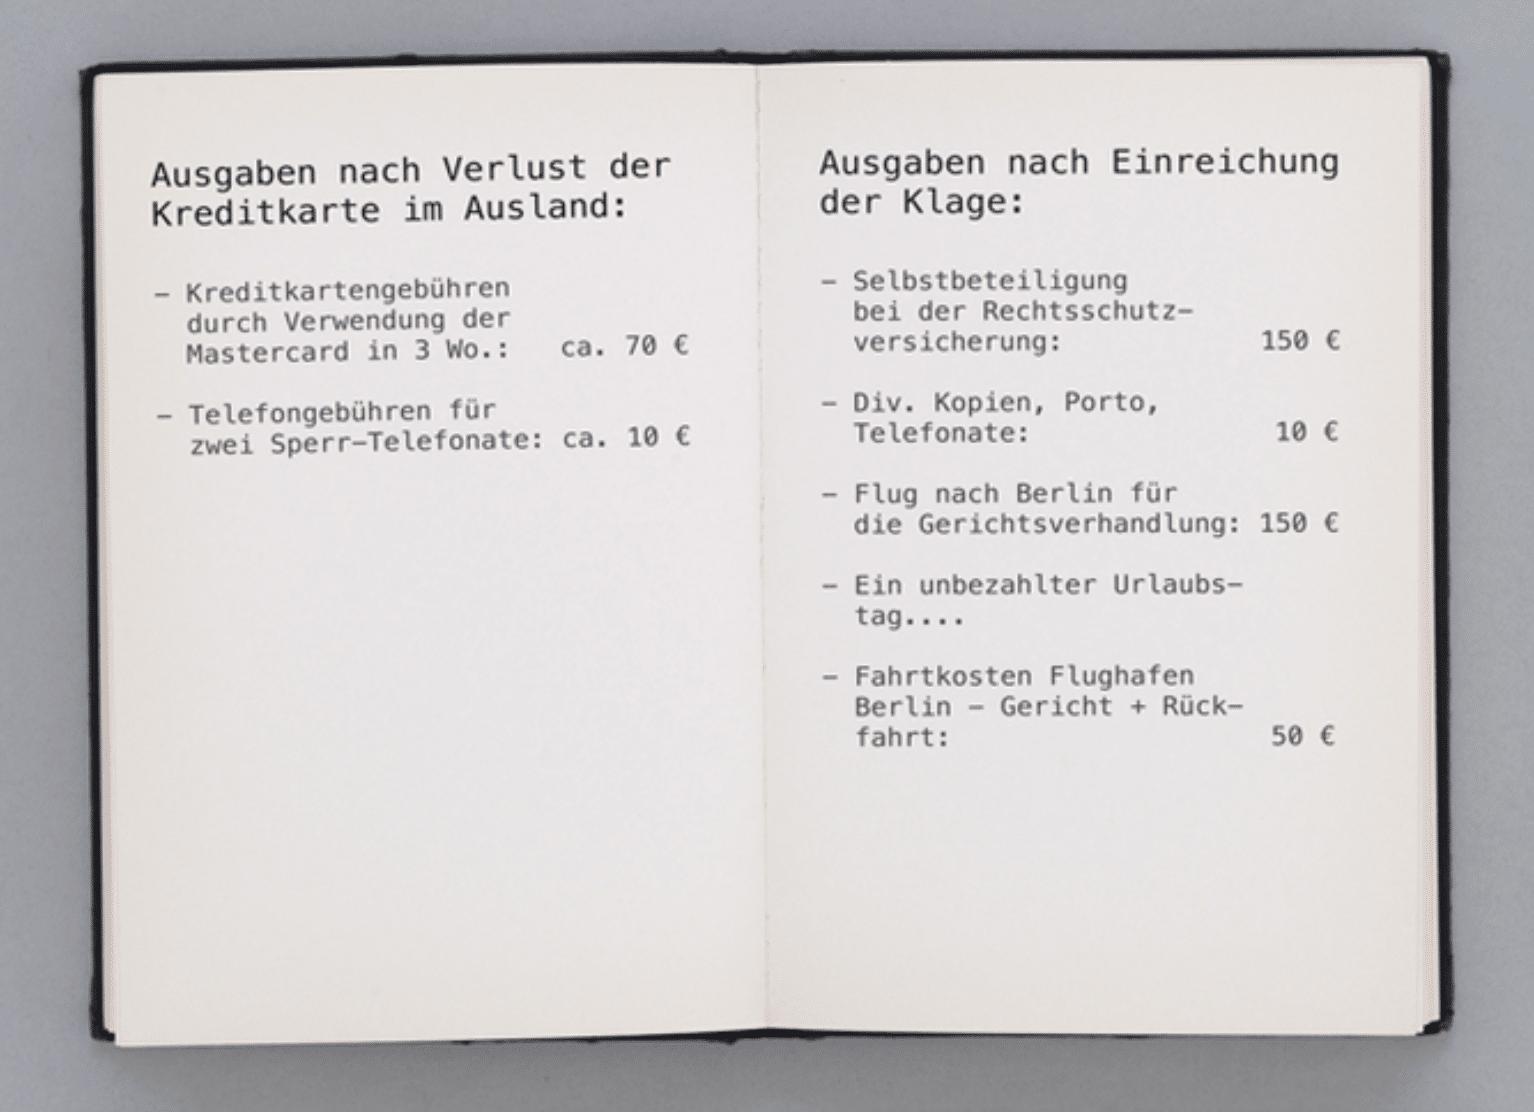 Ausgaben einer Klage Berlin DKB